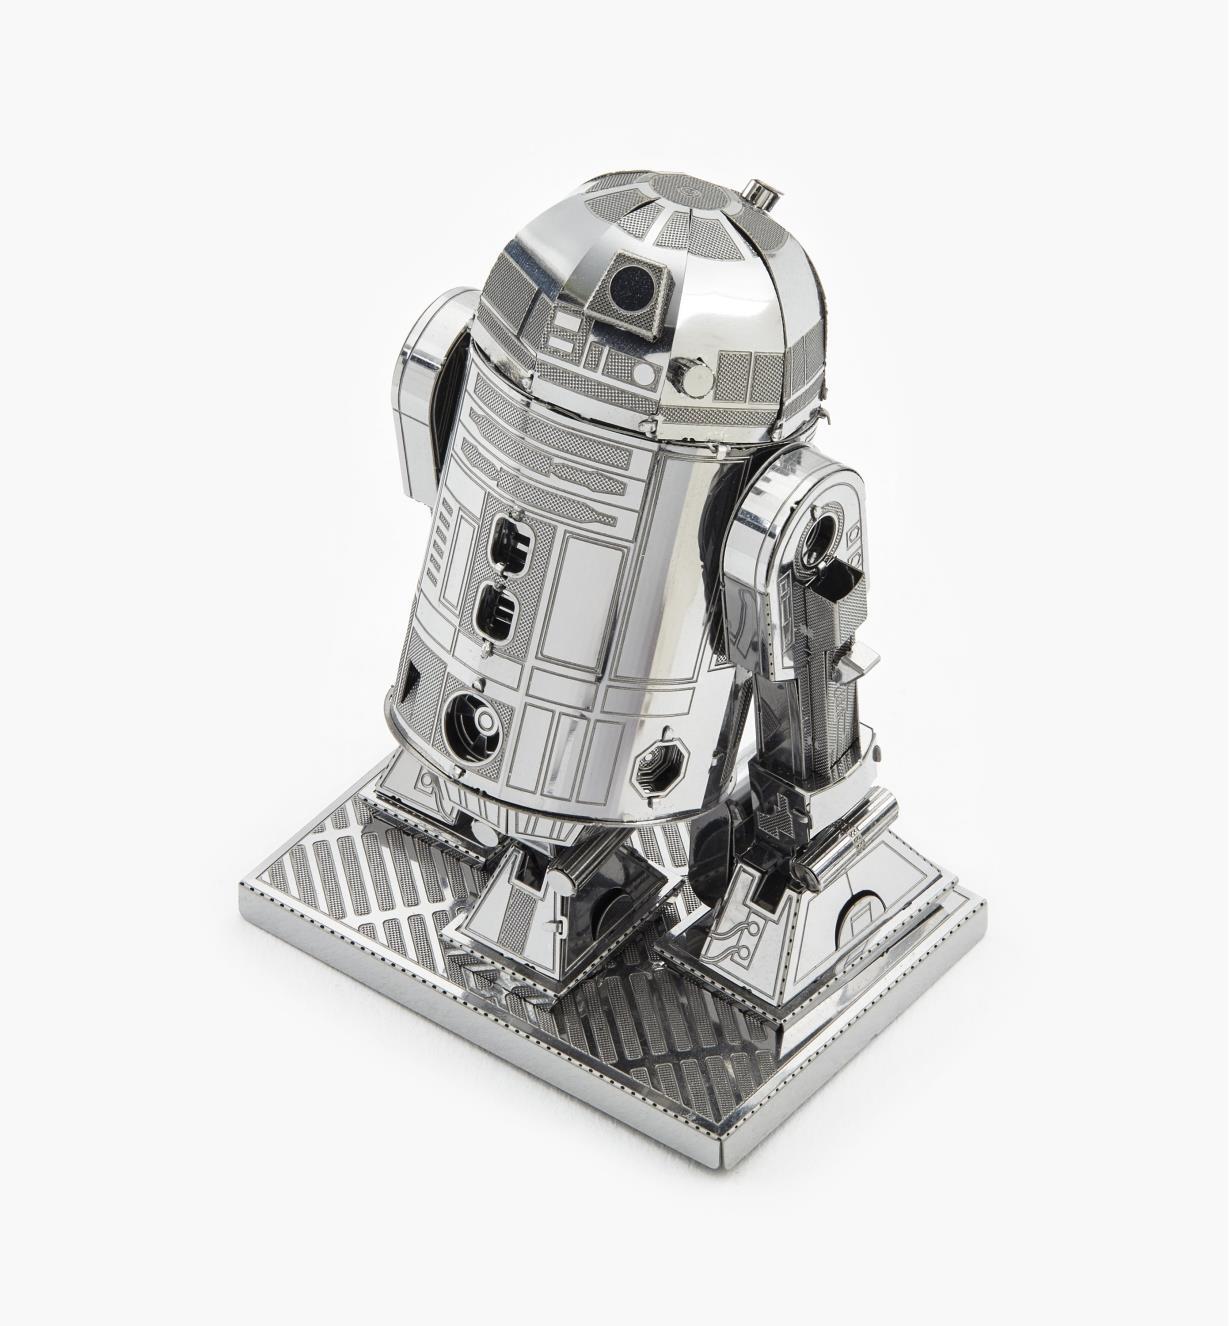 45K4049 - Star Wars: A New Hope Metal Model Kits - R2-D2